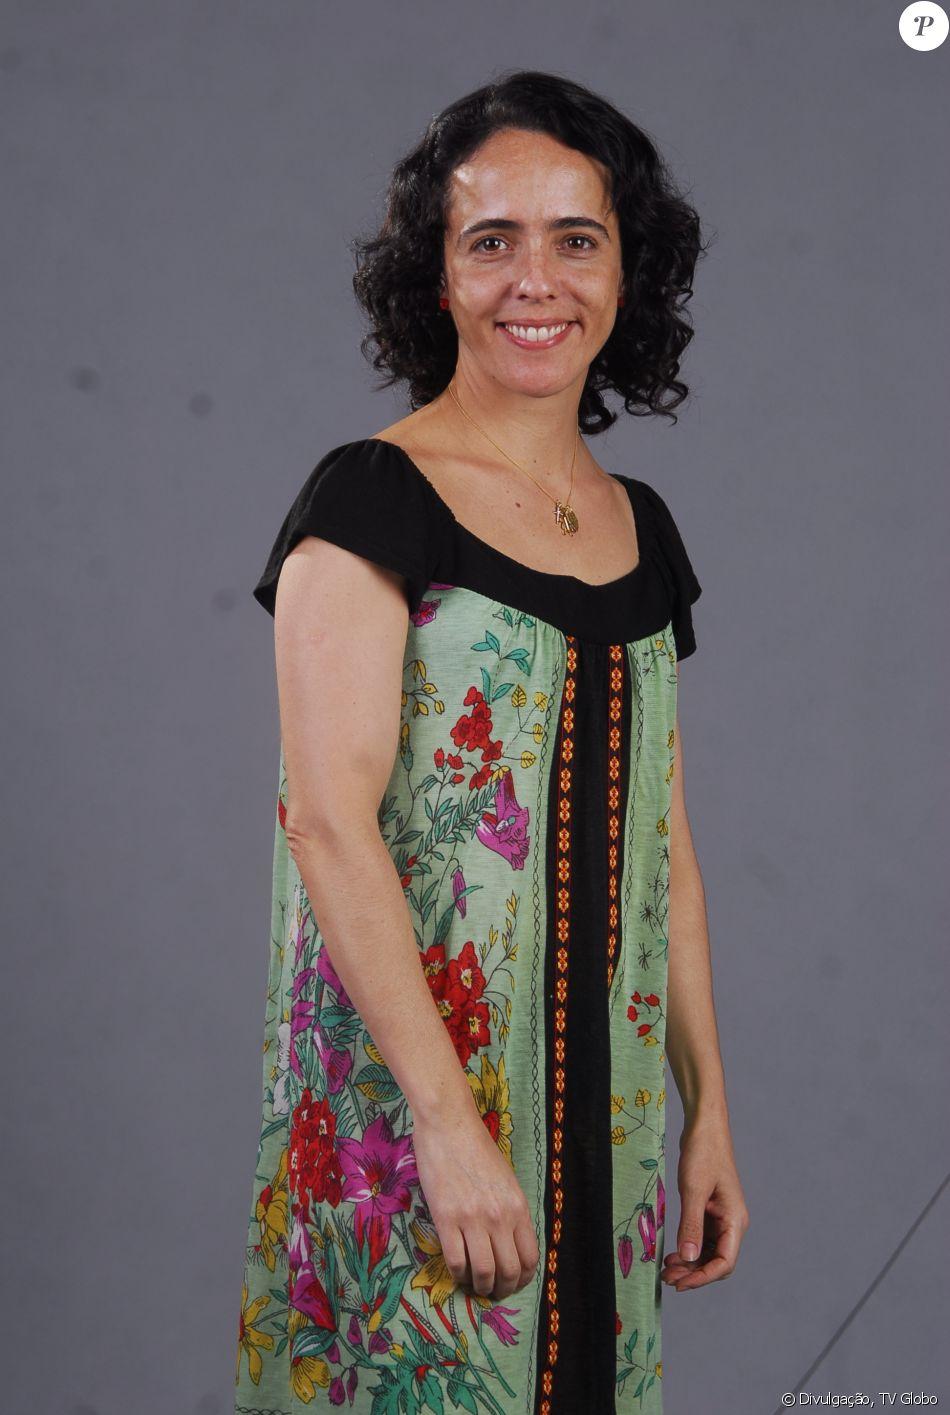 Silvia Buarque foi internada com quadro agudo de depressão no hospital São Vicente, na zona sul do Rio, no último sábado, 13 de maio de 2017